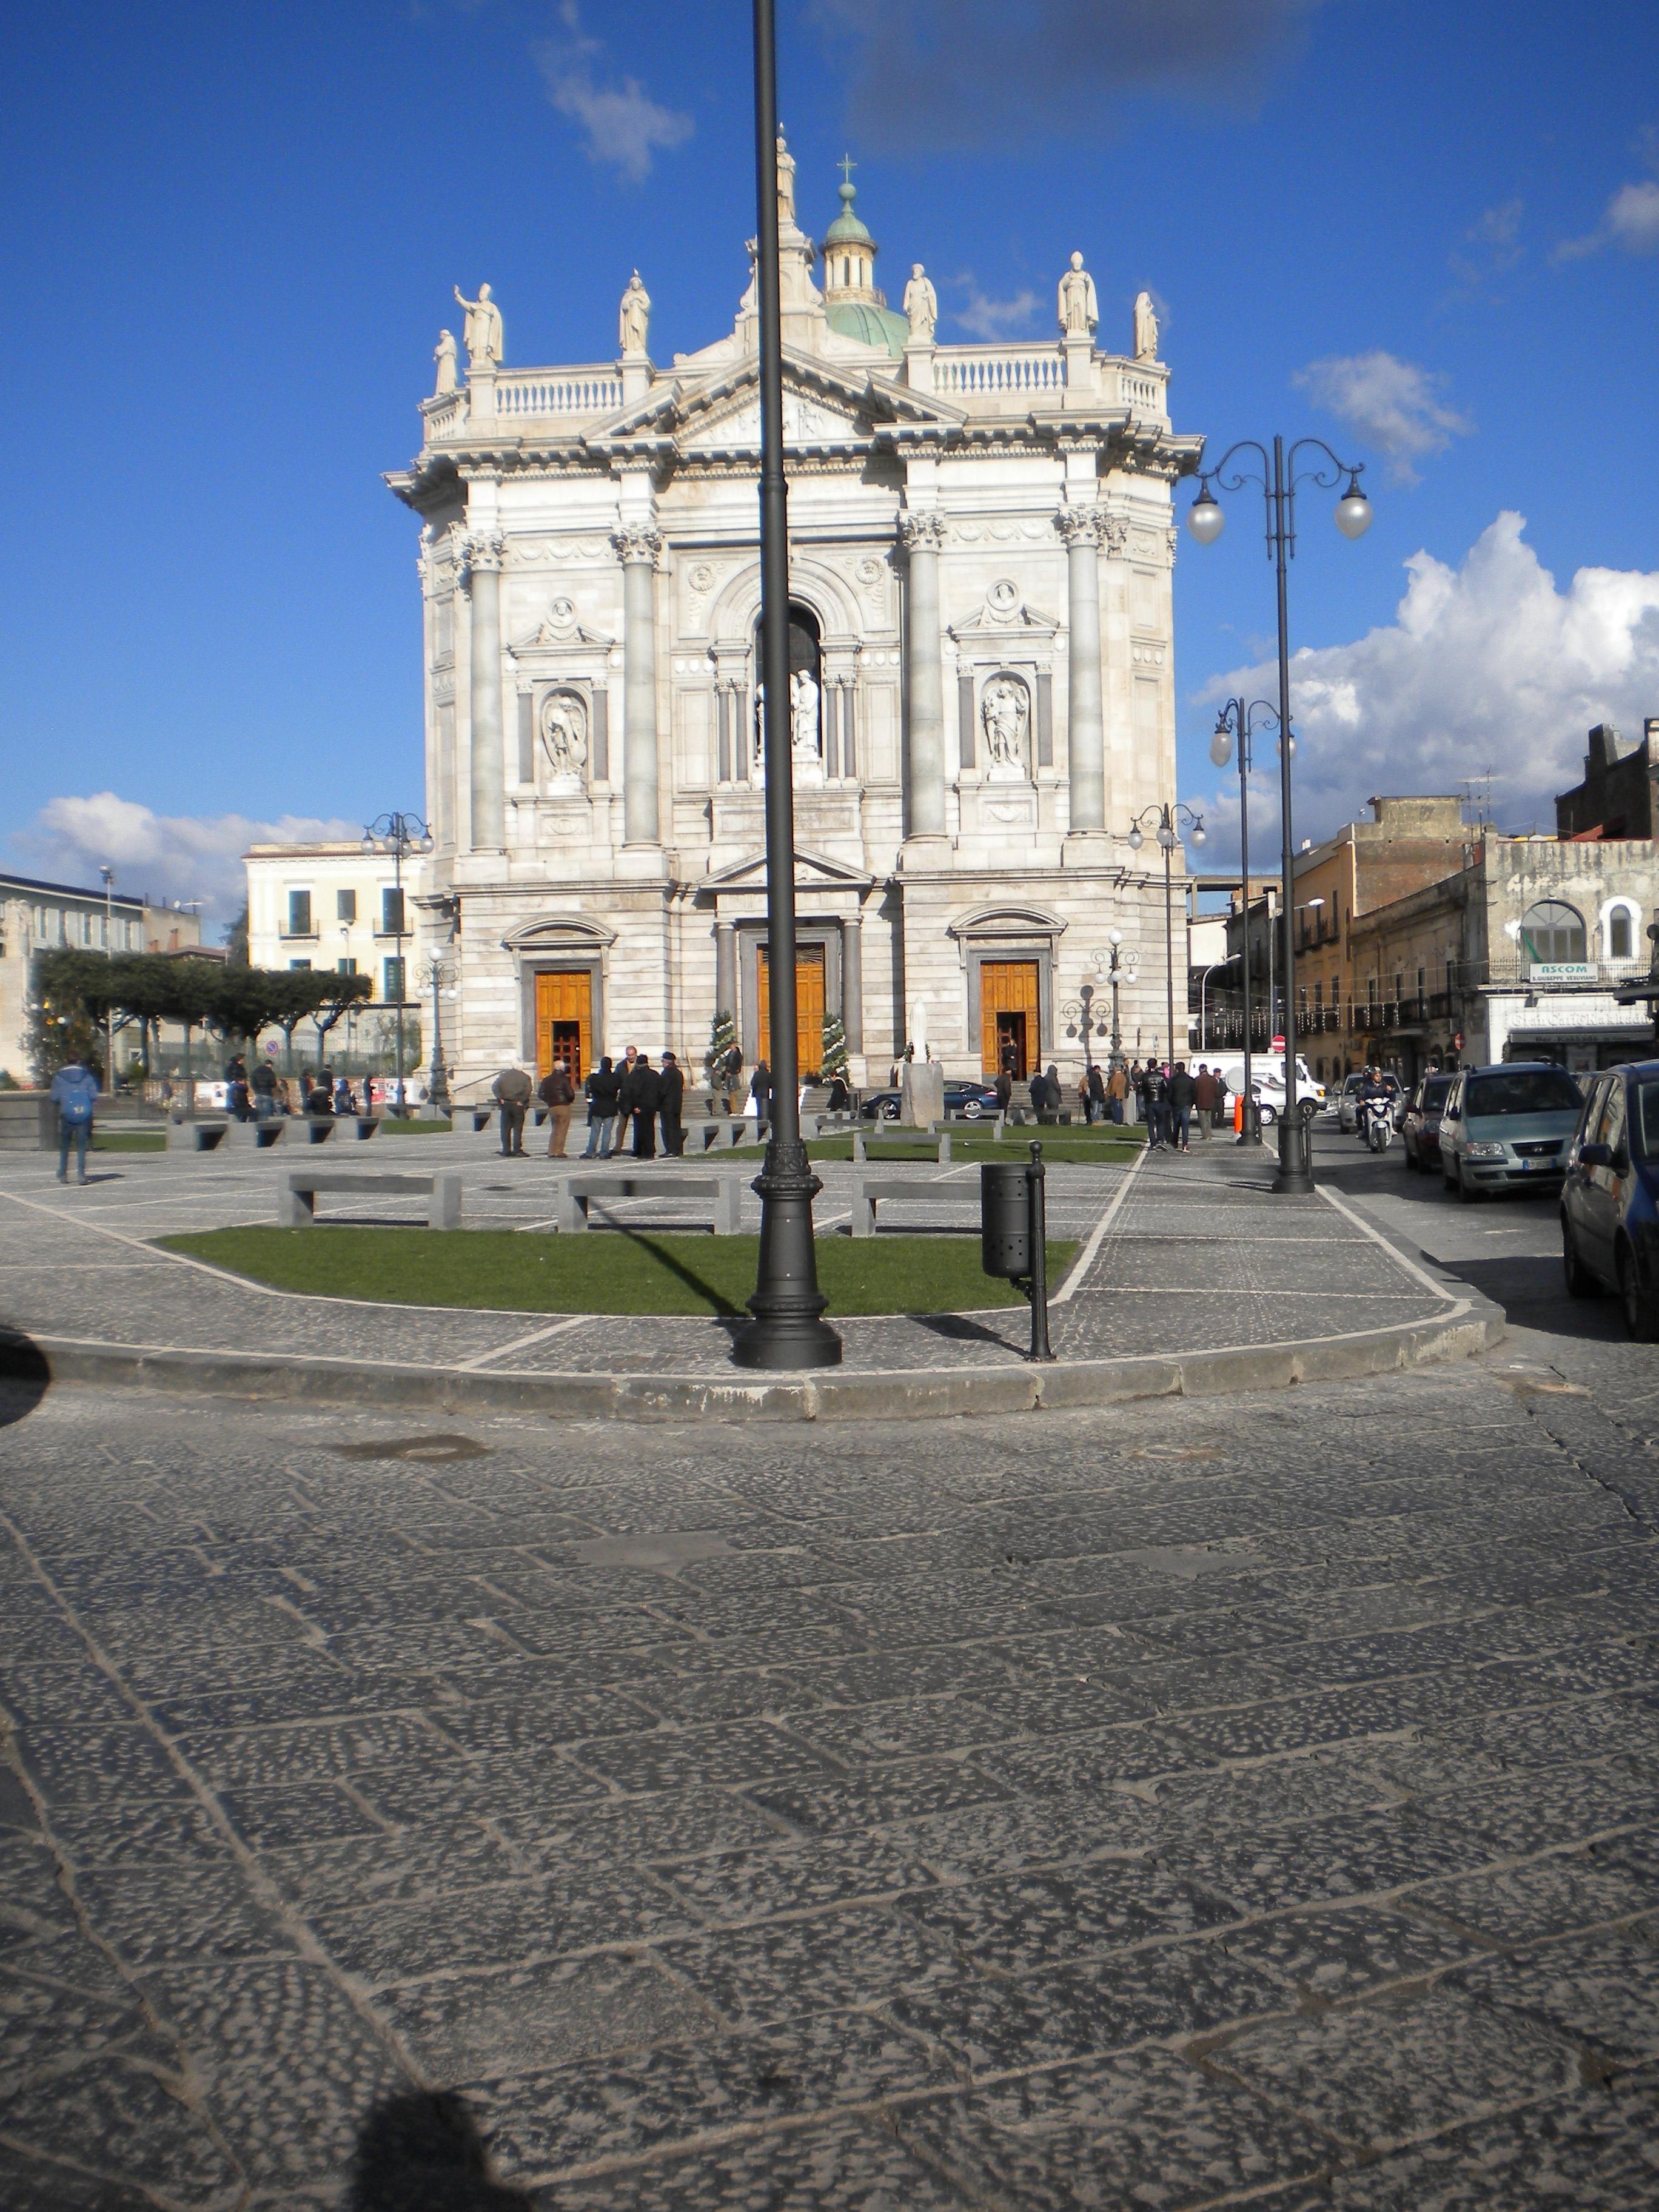 FILA negozi a San Giuseppe Vesuviano | SHOPenauer